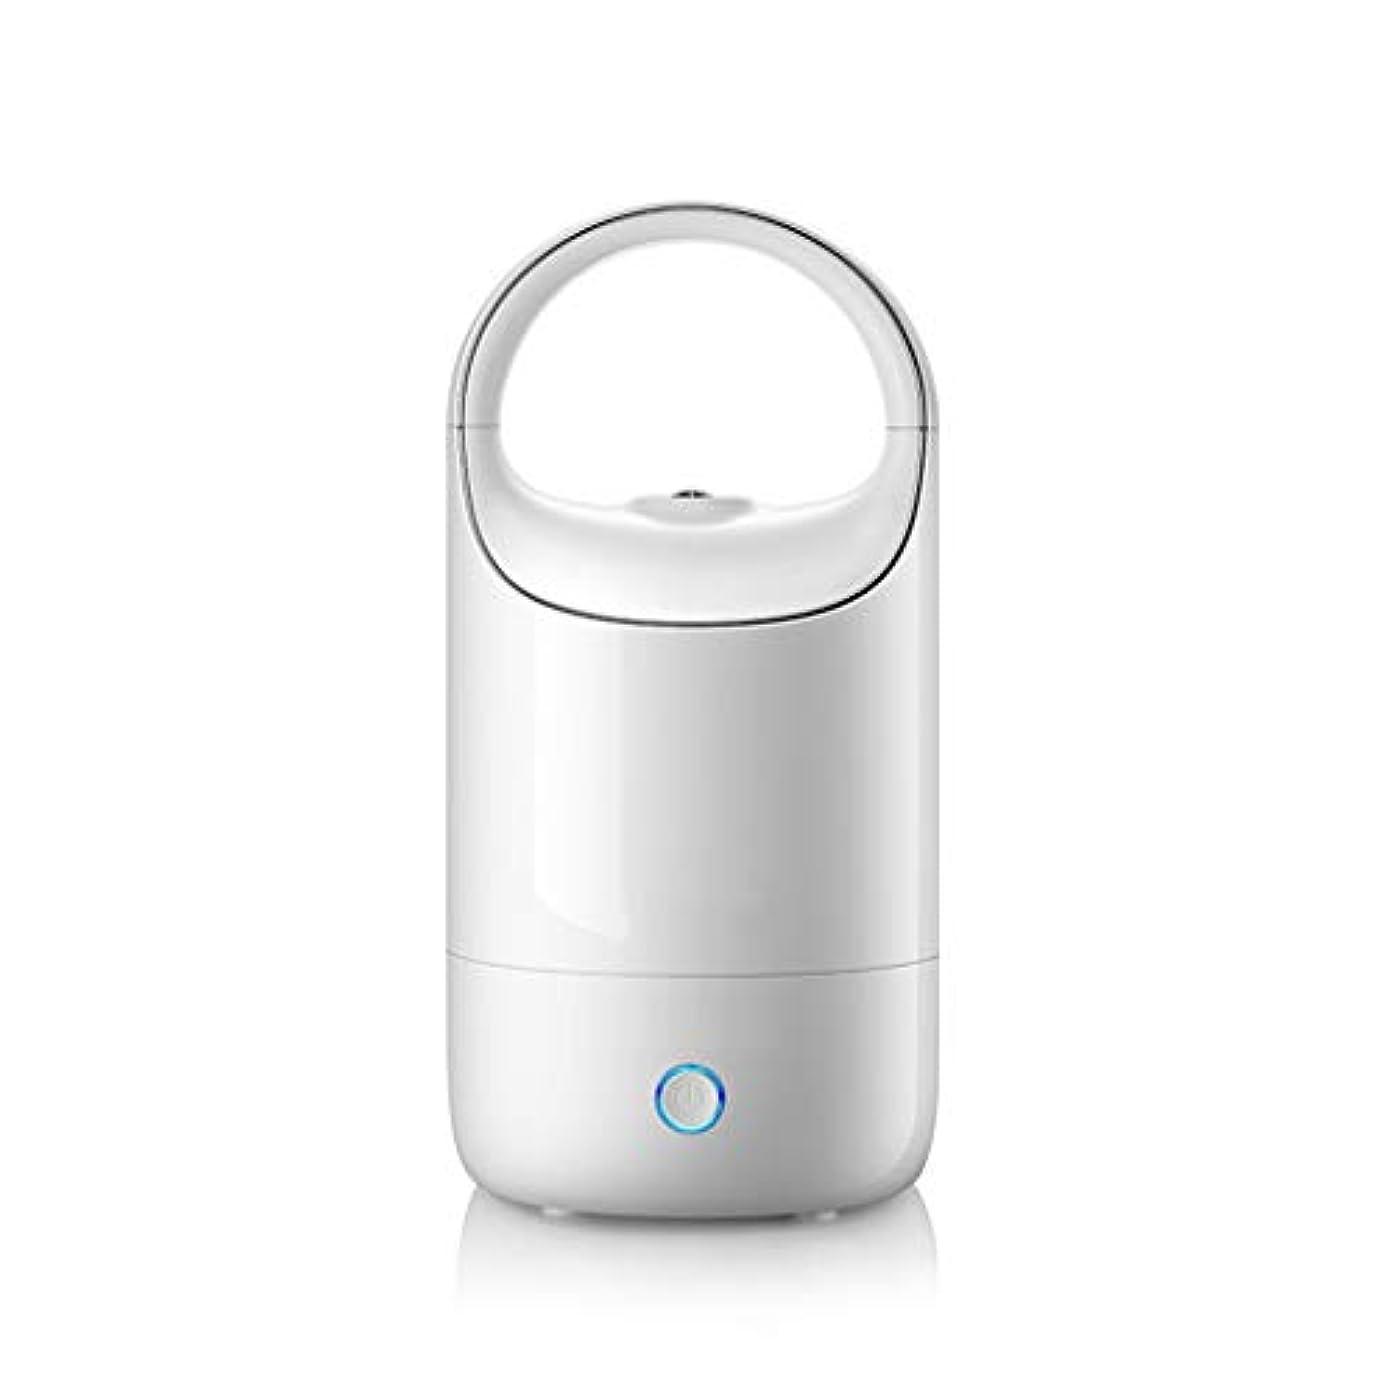 電話する自発独占空気加湿器ホームサイレント寝室妊婦赤ちゃん空気霧大容量ディフューザー (Color : White)